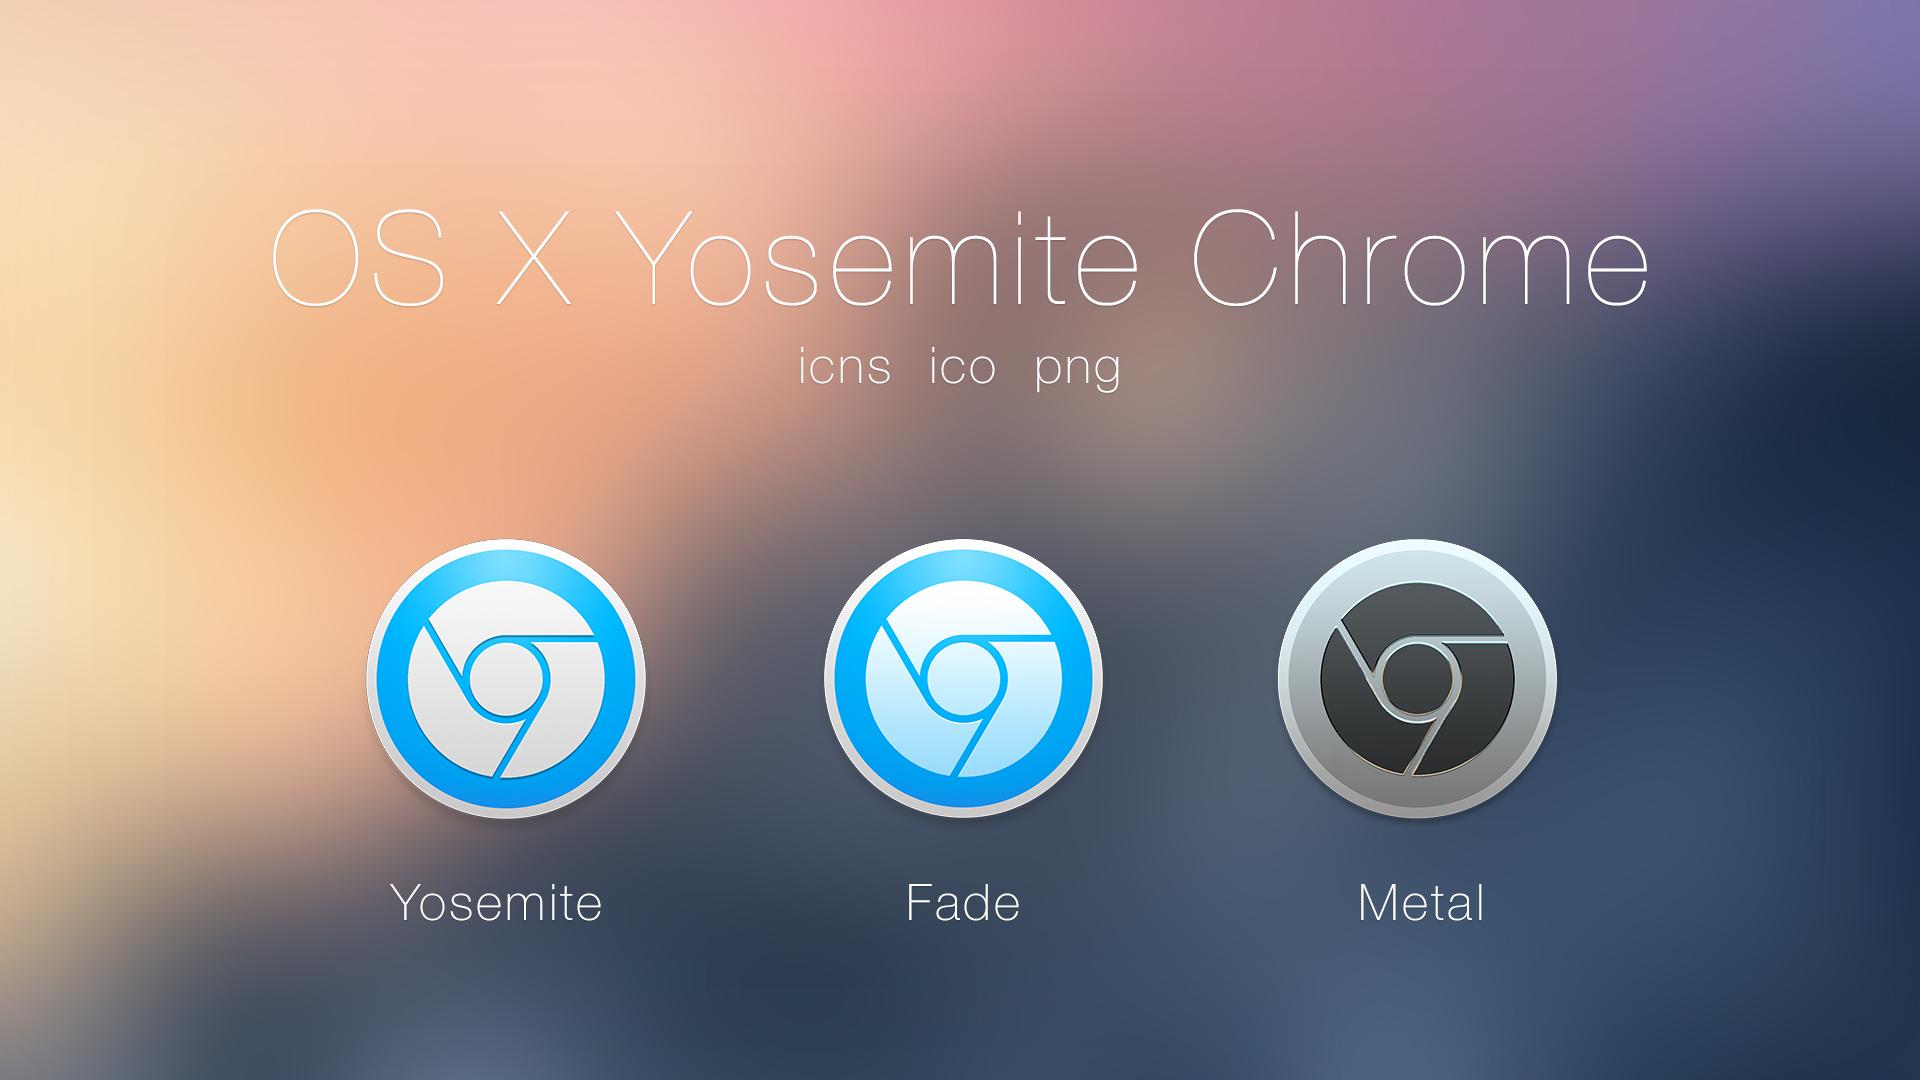 Google chrome themes yosemite - Jasonzigrino 63 14 Os X Yosemite Google Chrome By Jasonzigrino